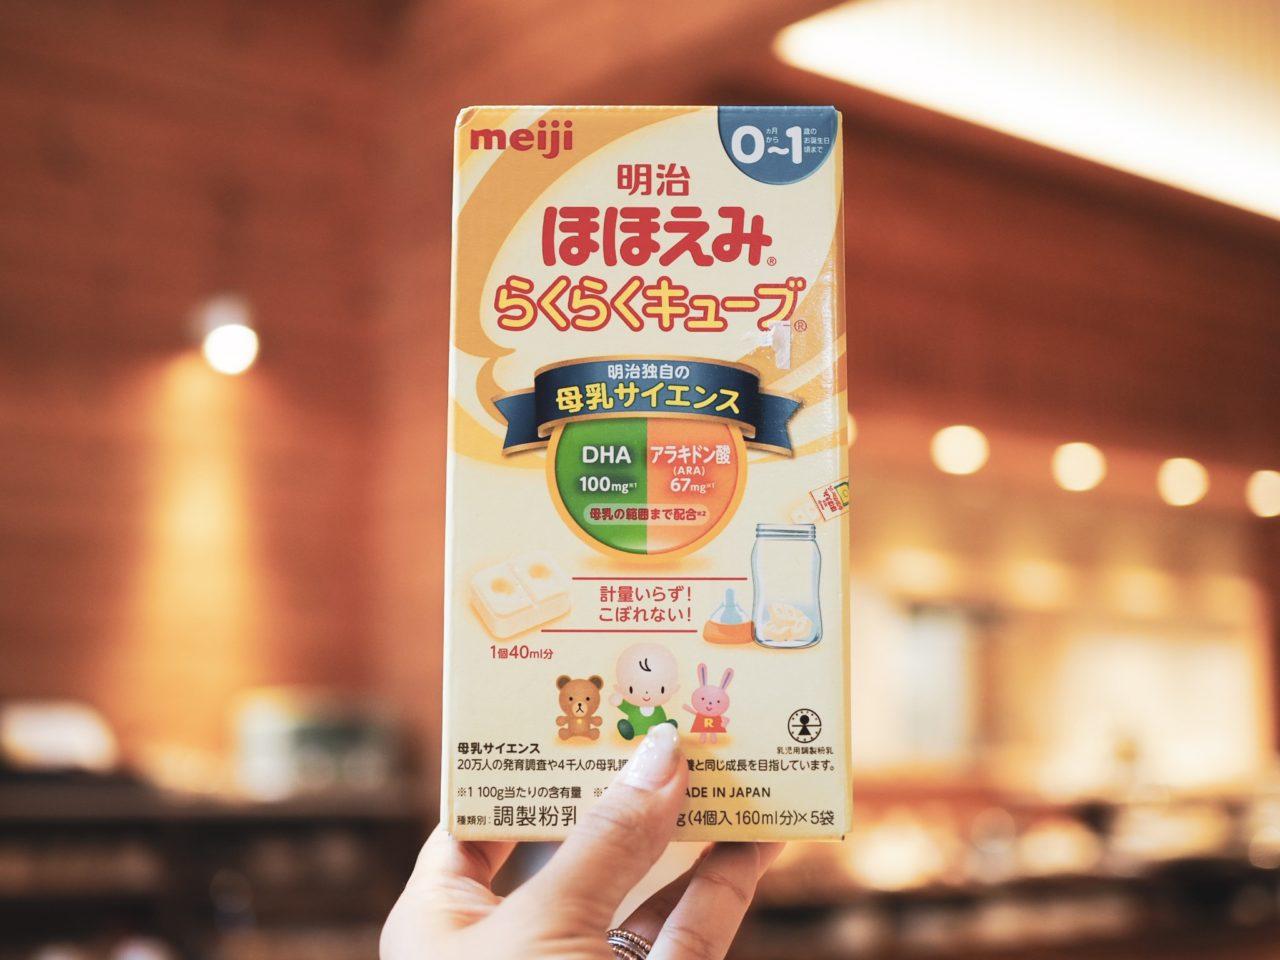 img 7622 - 令和最初の夏休み - ザ・プリンス ヴィラ軽井沢で過ごす赤ちゃん連れ旅行